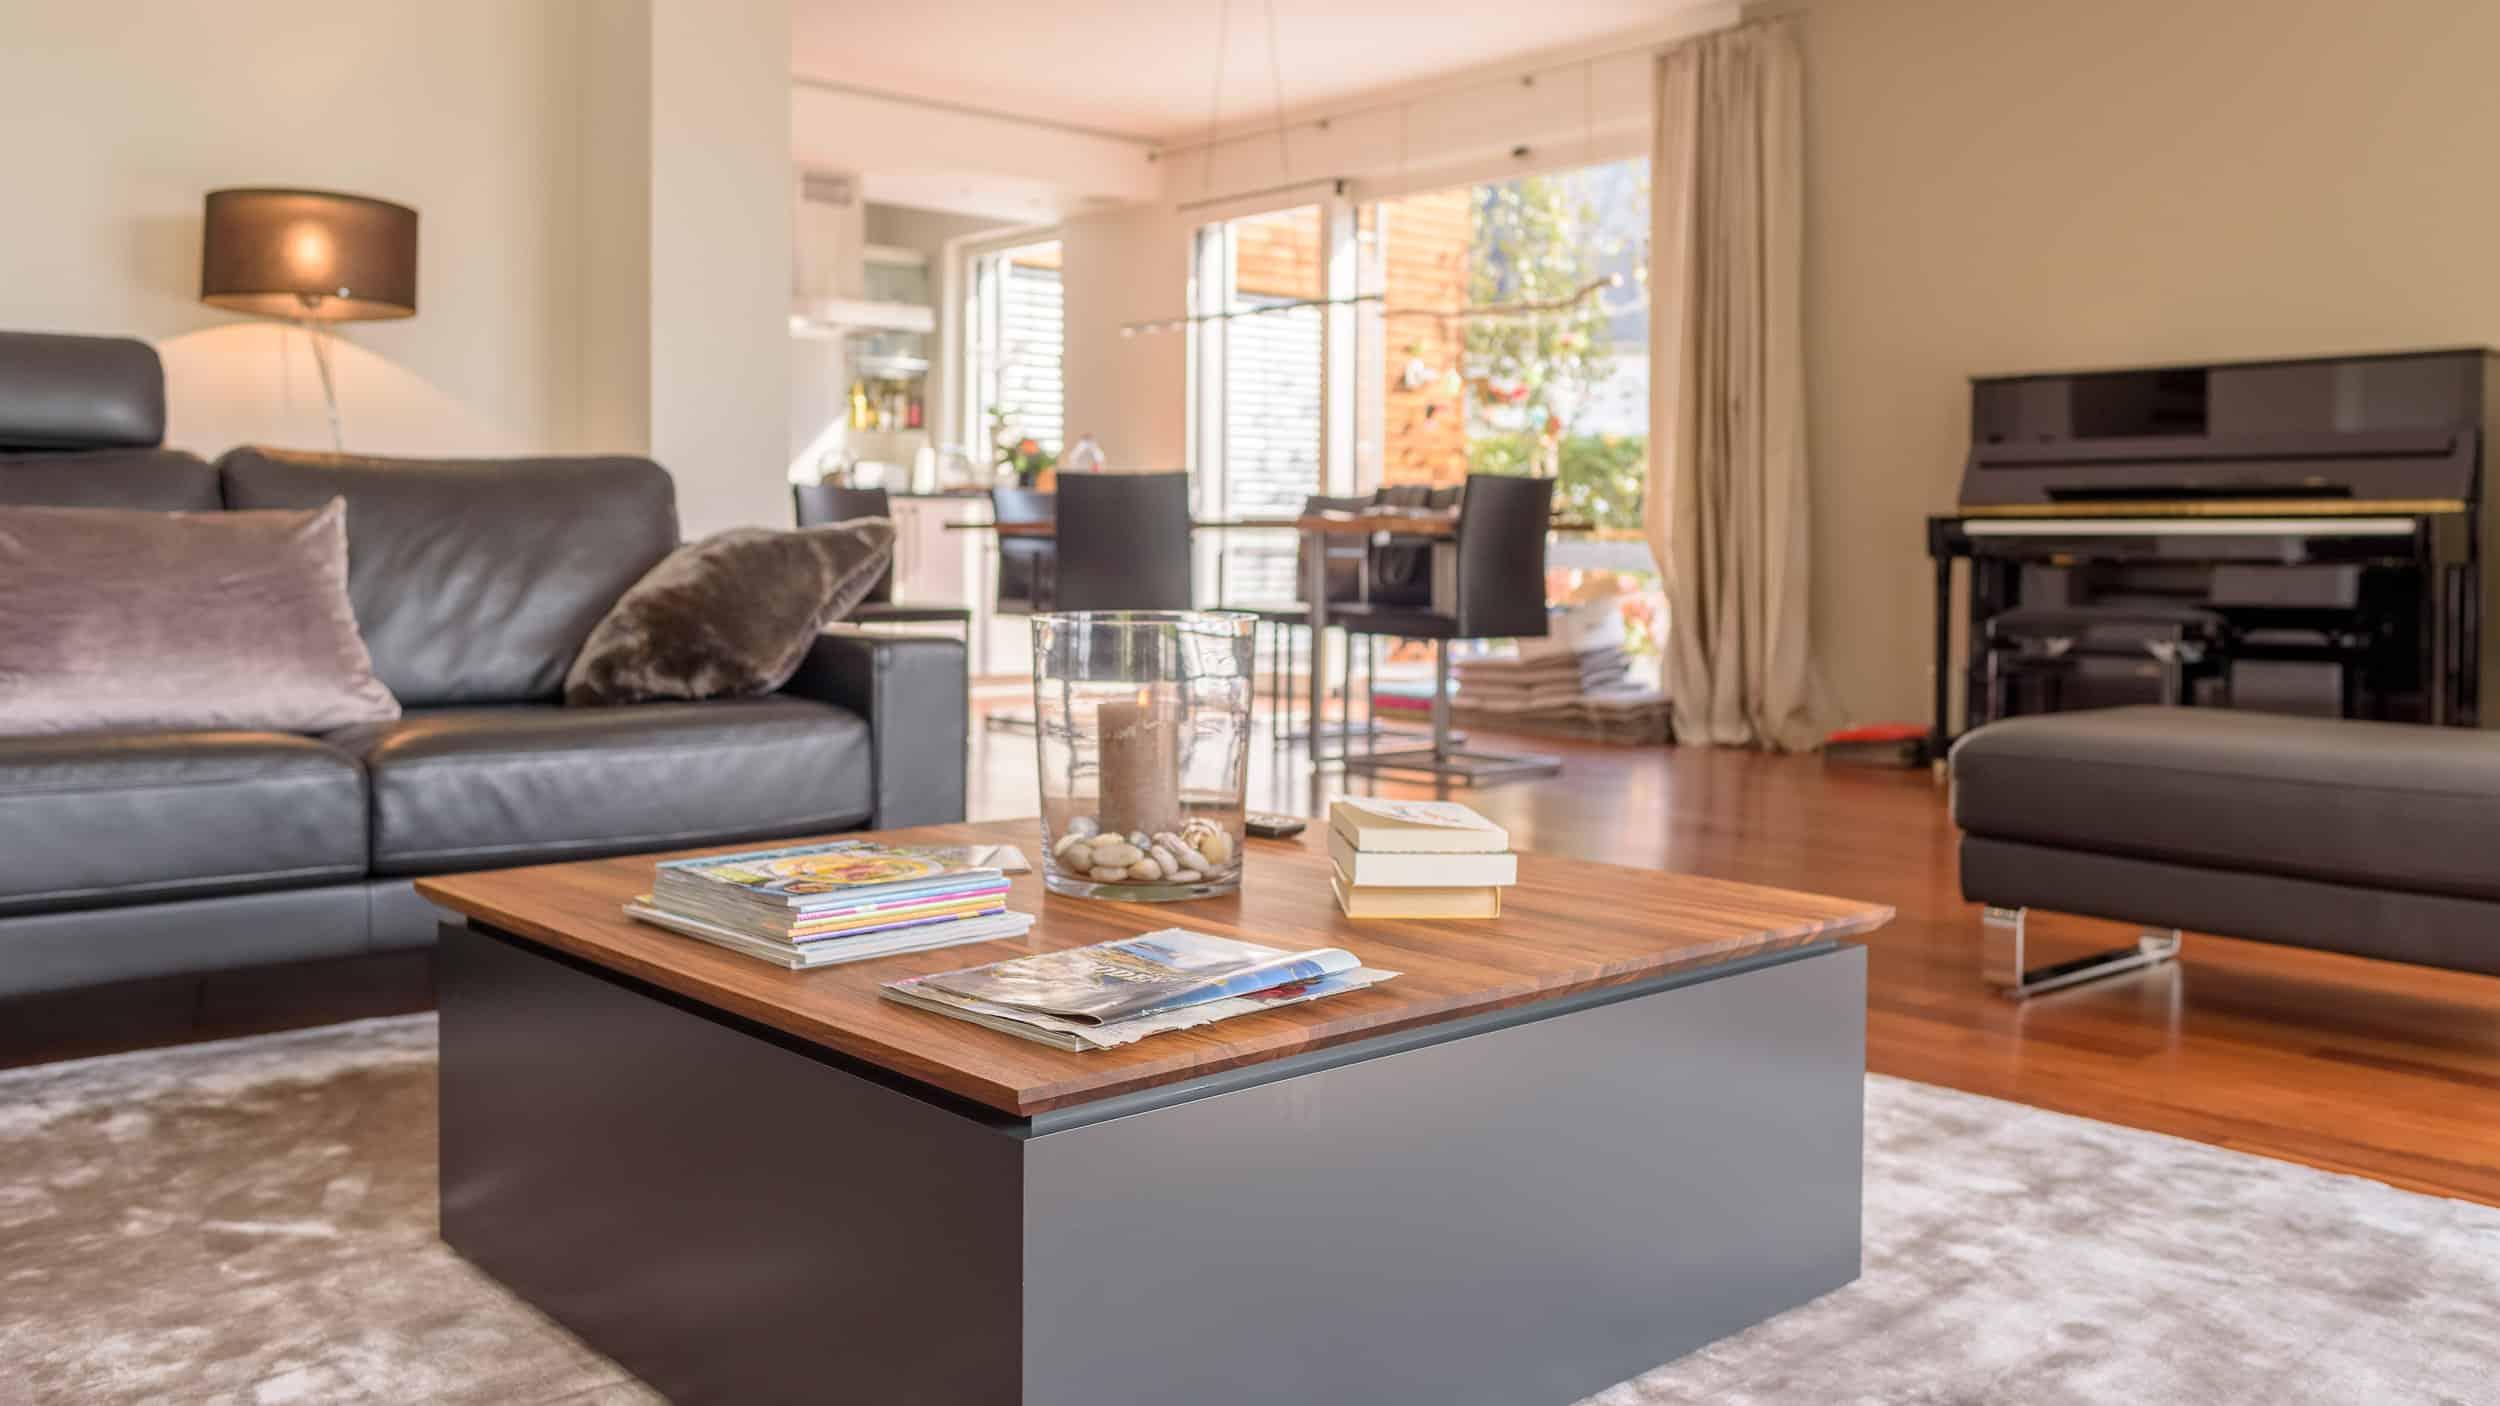 Stilvoller Wohnzimmertisch mit lackiertem Unterteil und edler Nussbaumplatte